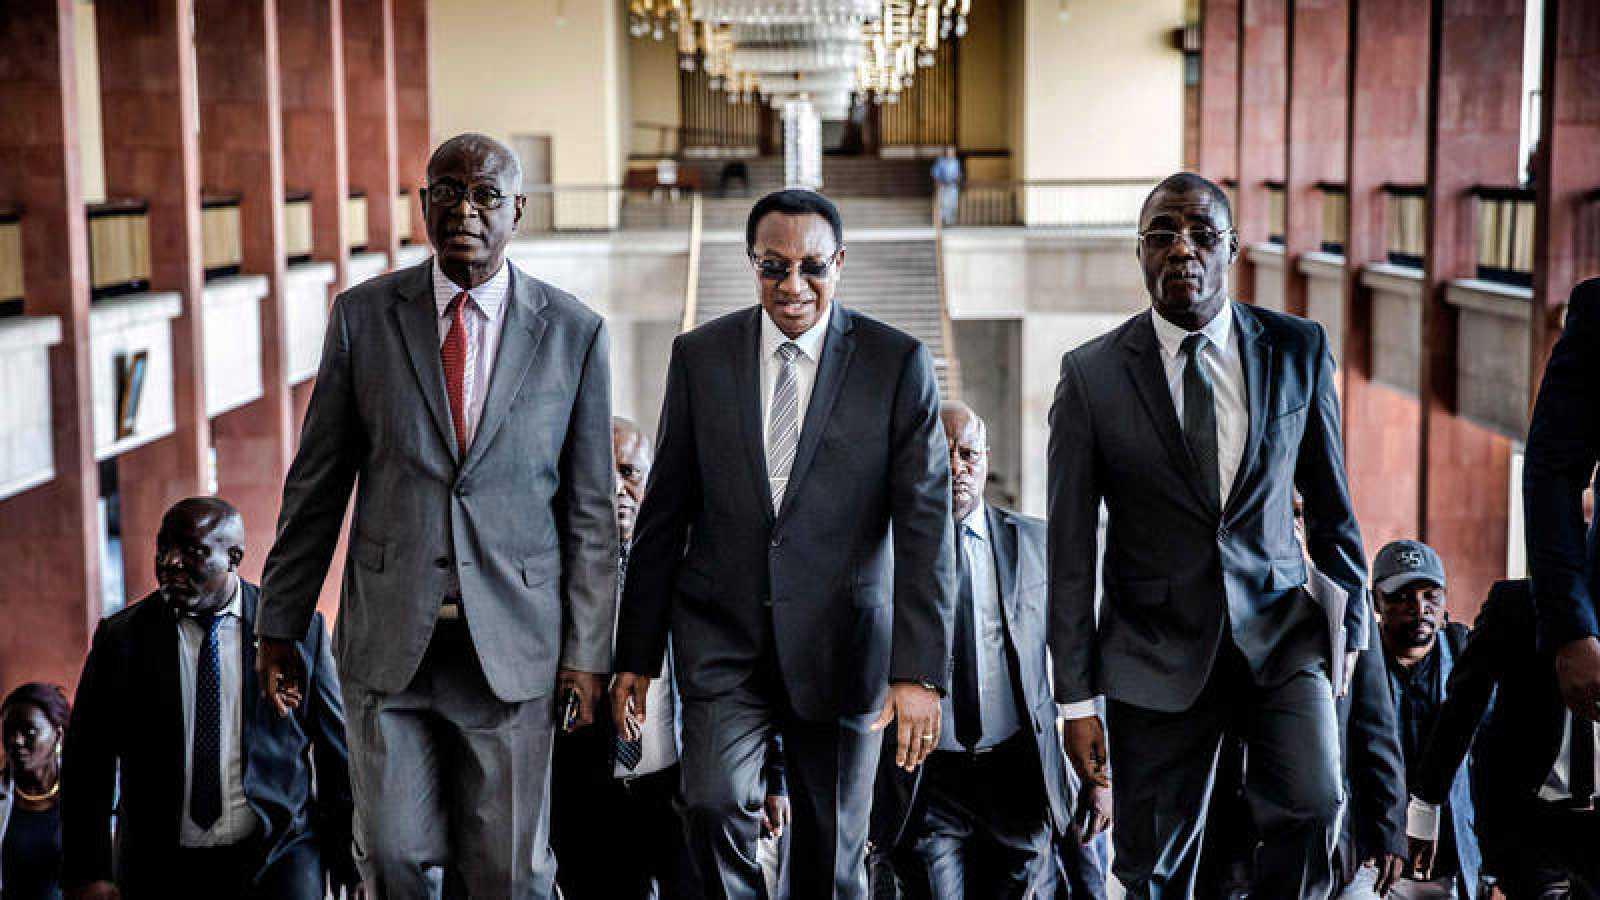 El Primer Ministro de la República Democrática del Congo, Bruno Tshibala (C), llega a una reunión con el Presidente de la Comisión Electoral de la República Democrática del Congo sobre un posible aplazamiento de la votación, en la Asamblea Nacional.